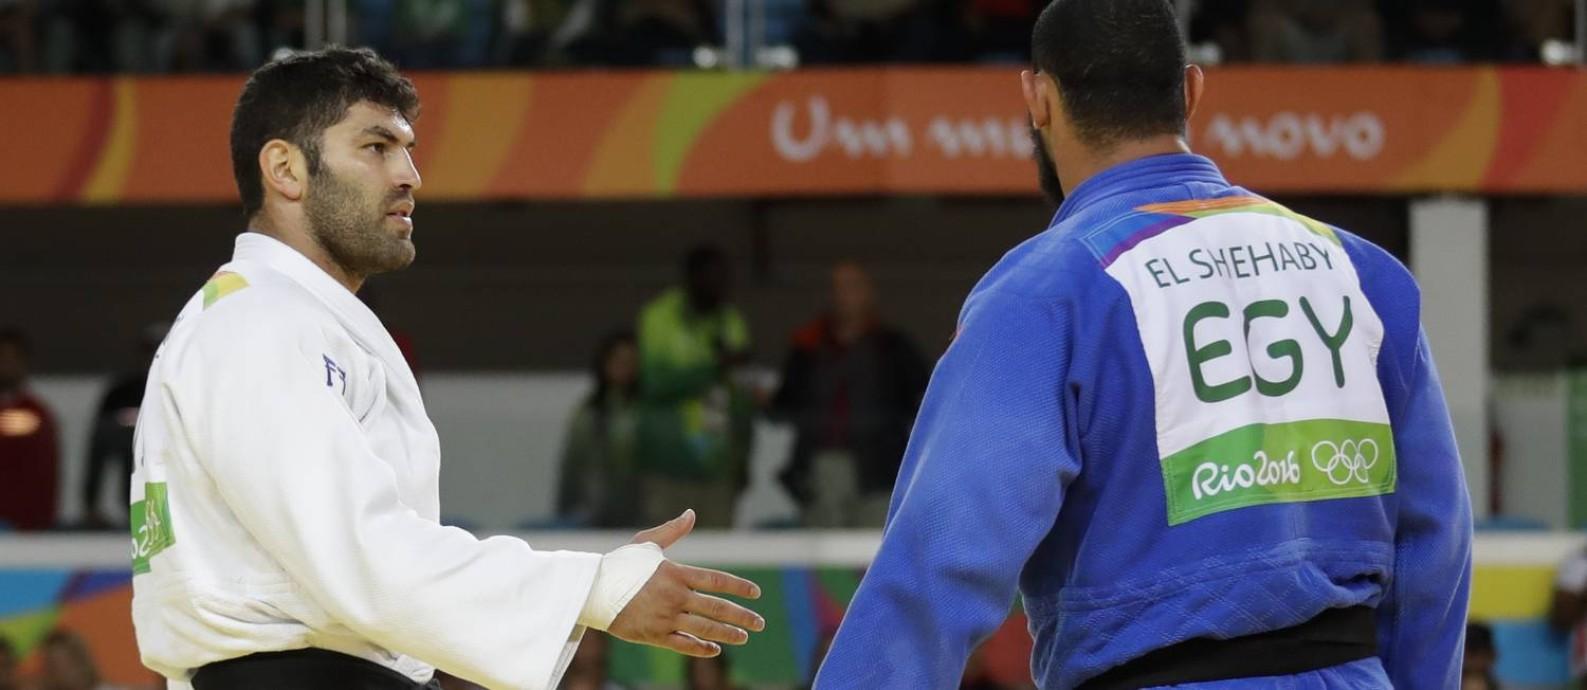 Atleta do Egito, Islam El Shehaby (de azul) não aceita aperto de mão de advesário israelense Or Sasson Foto: Markus Schreiber / AP